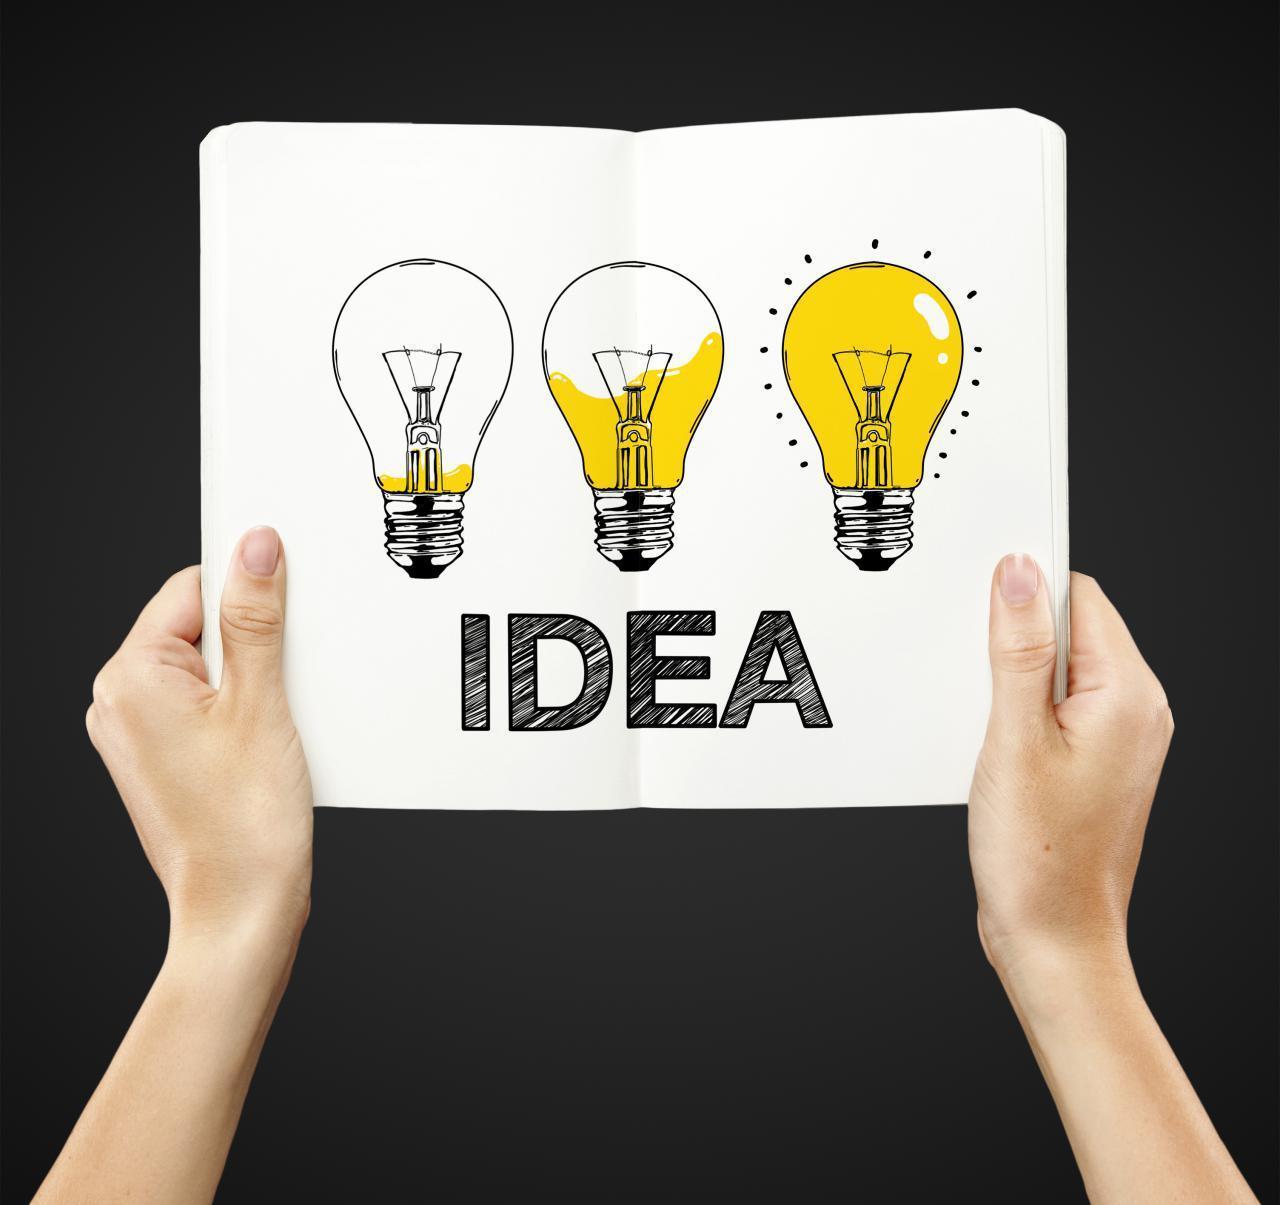 ایده های خلاقانه کسب و کار برای تازه کارها